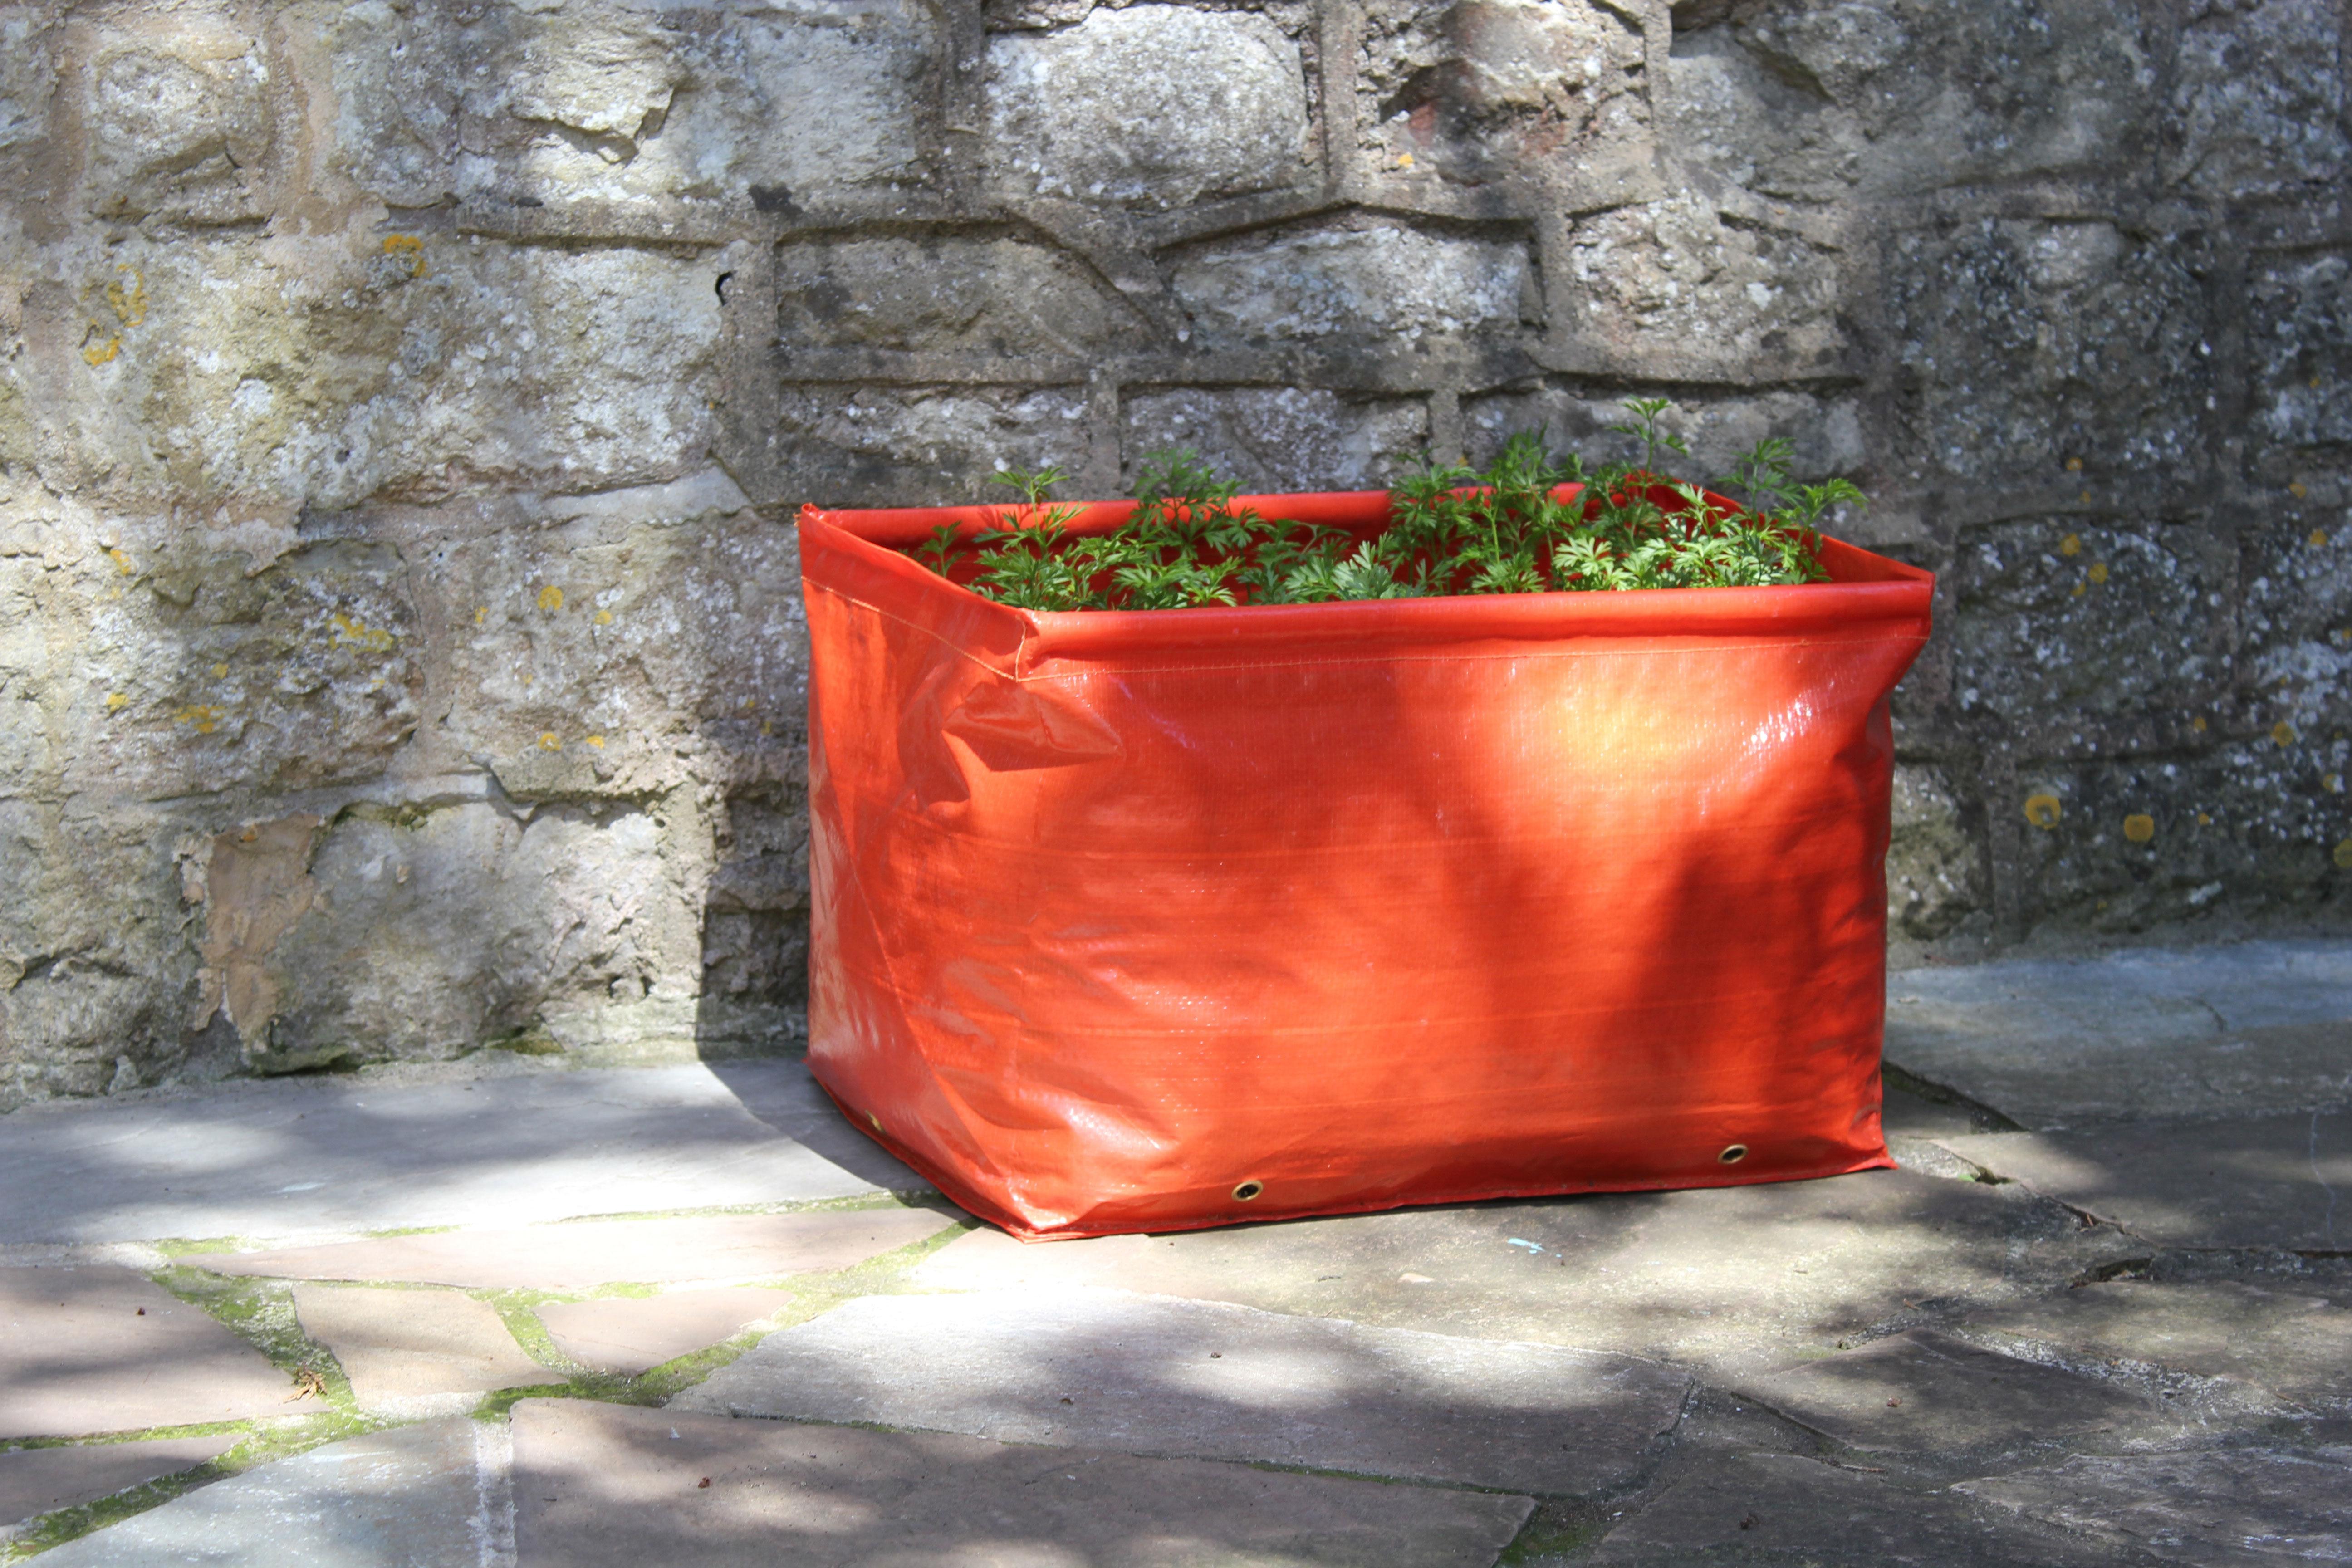 Carrot Patio Planter